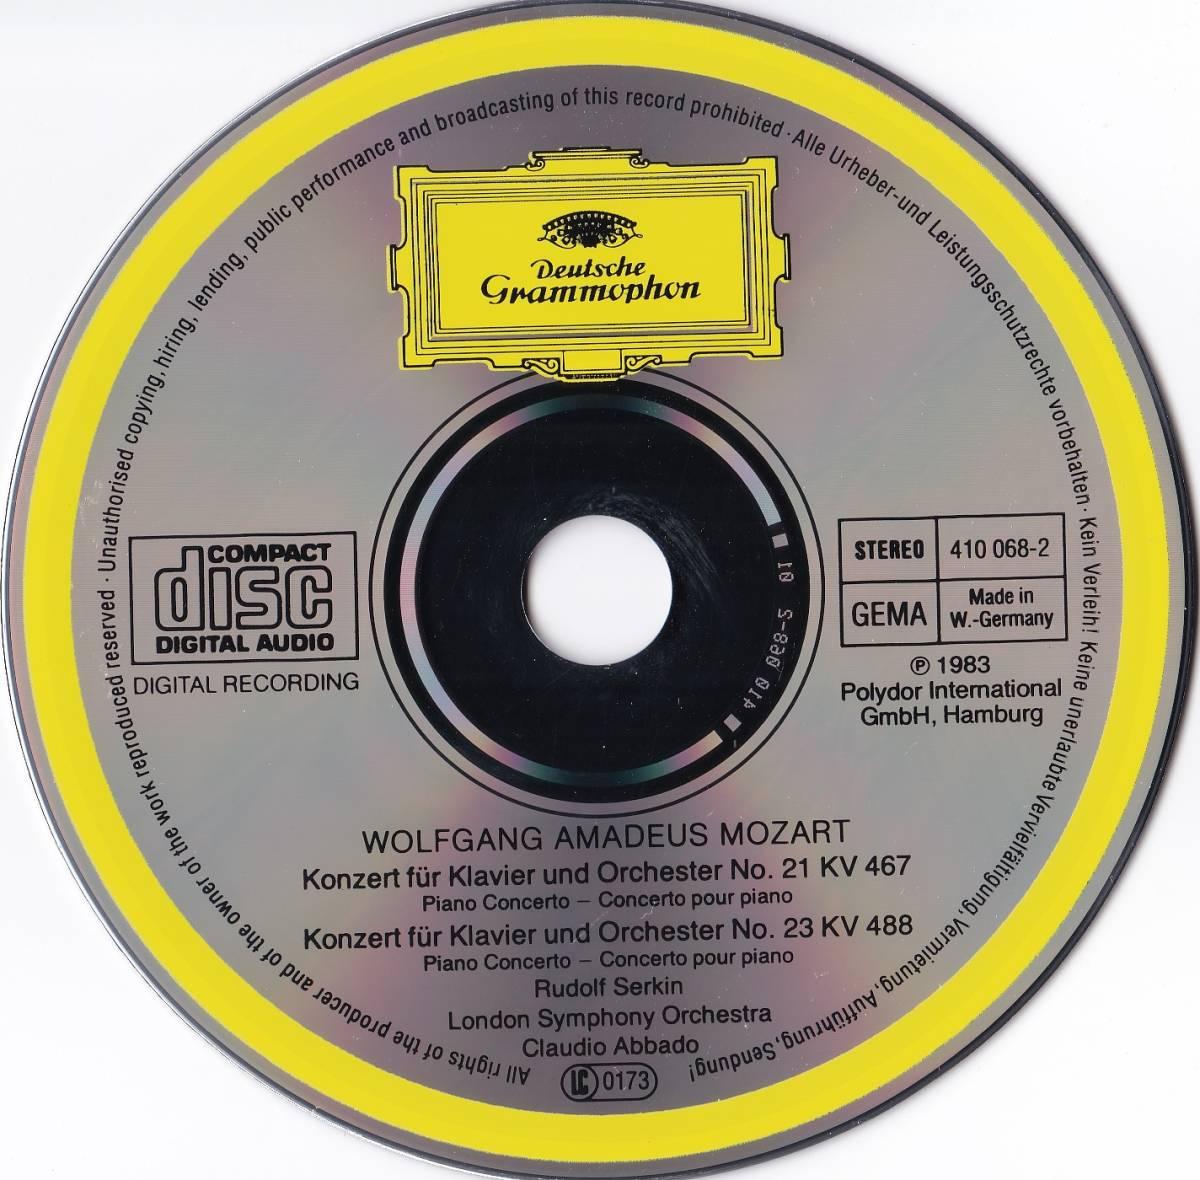 廃盤超希少 初期西独盤 ルドルフ・ゼルキン クラウディオ・アバド ロンドン交響楽団 モーツアルト ピアノ協奏曲 第21番 第23番_画像3